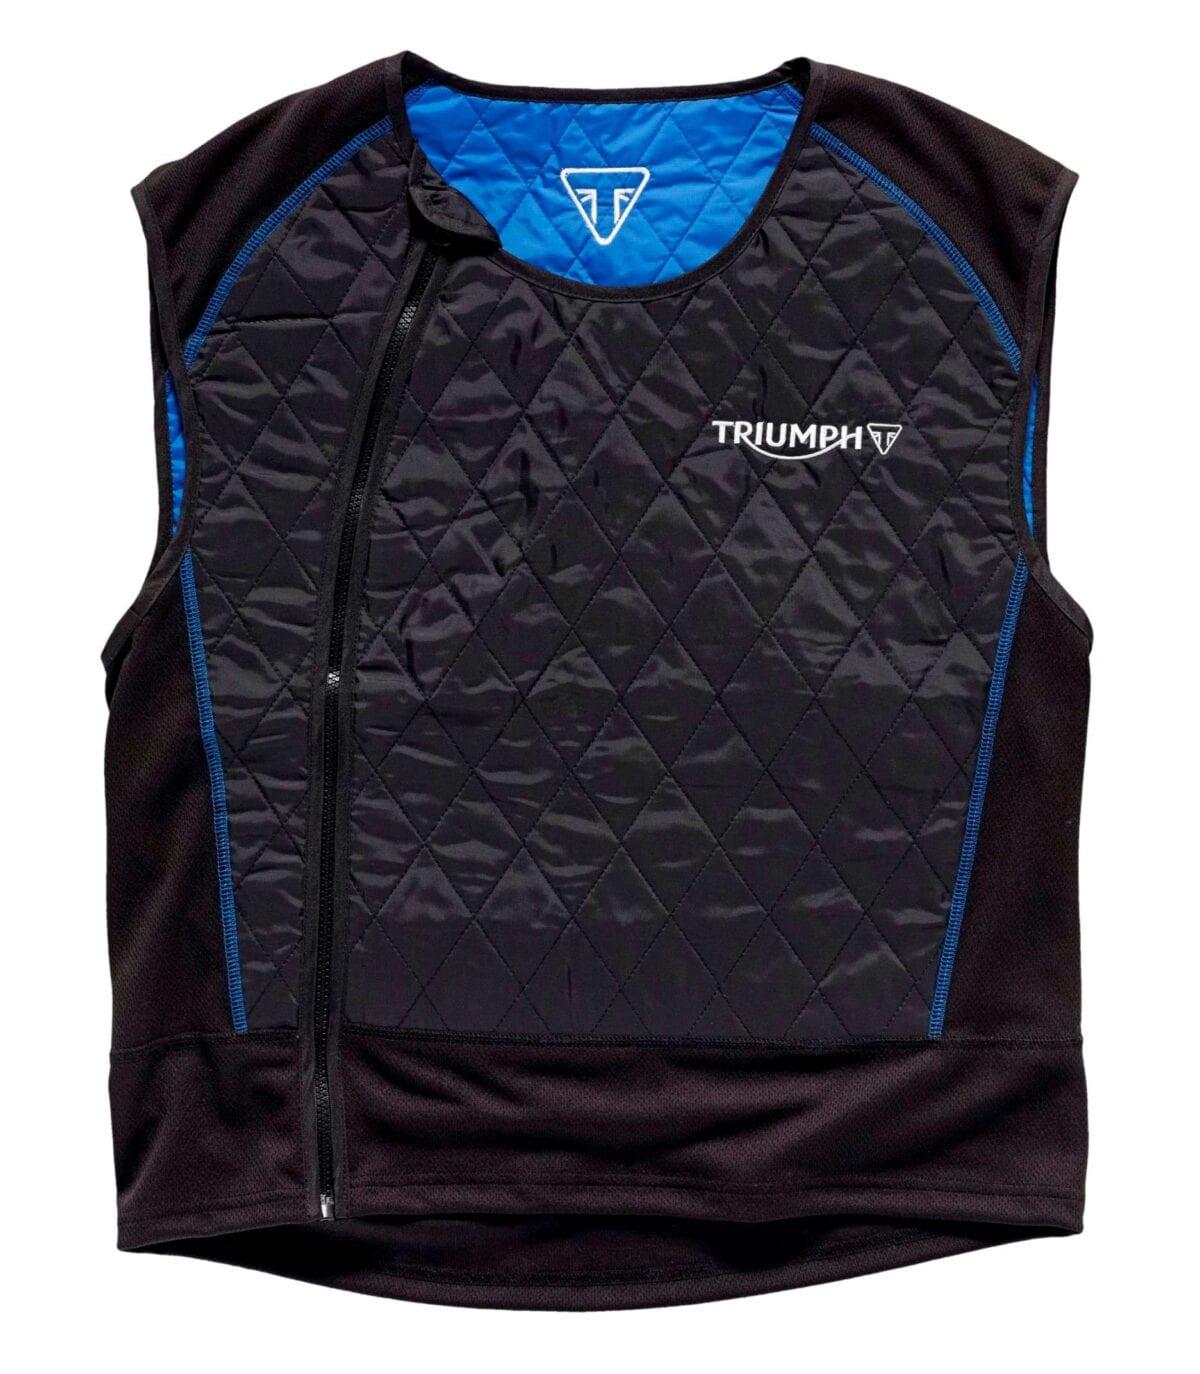 Triumph-cool-vest